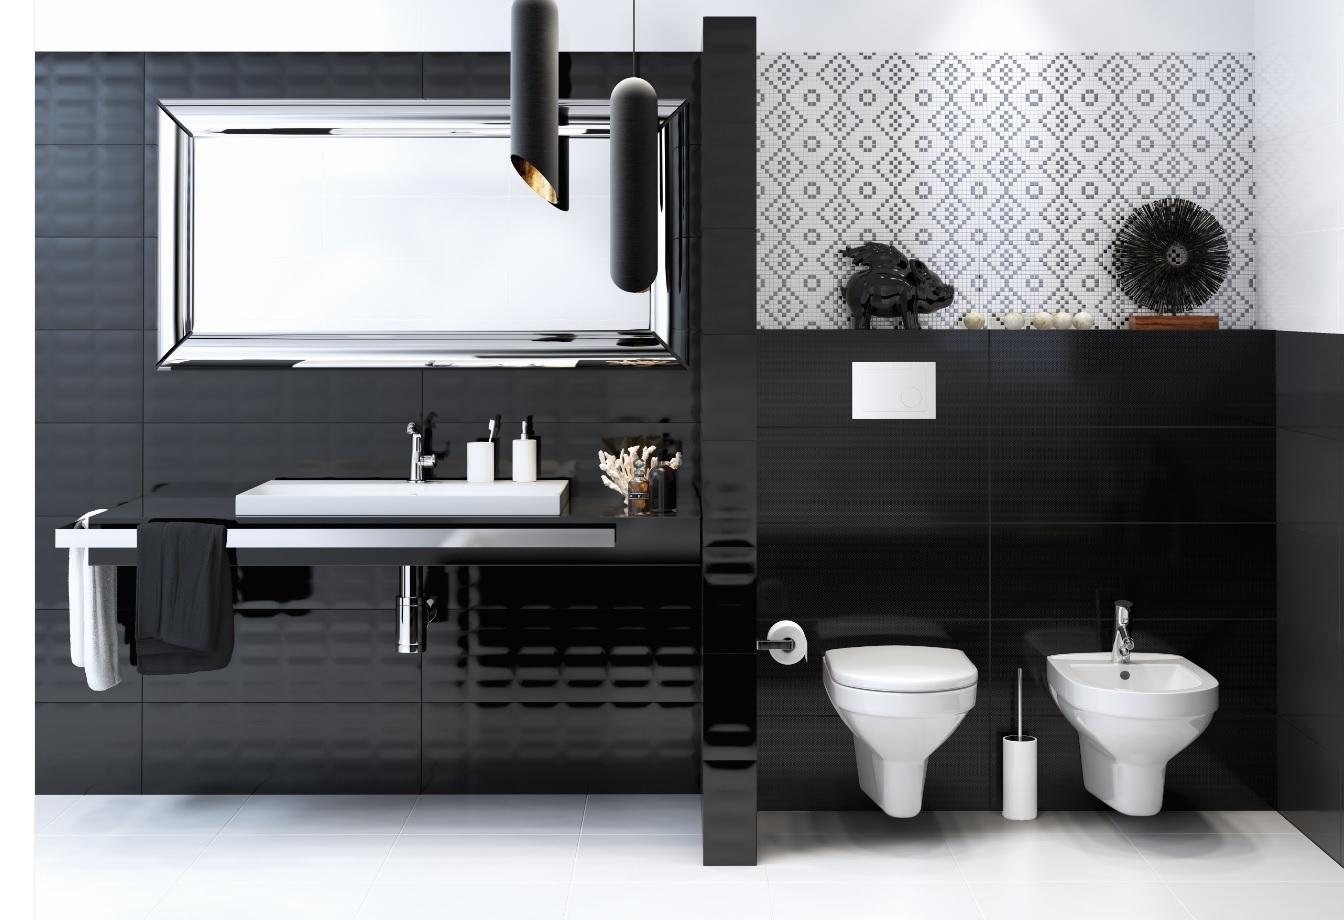 dekorfliese meissen magic mosaik schwarz wei 25x75 cm kaufen. Black Bedroom Furniture Sets. Home Design Ideas